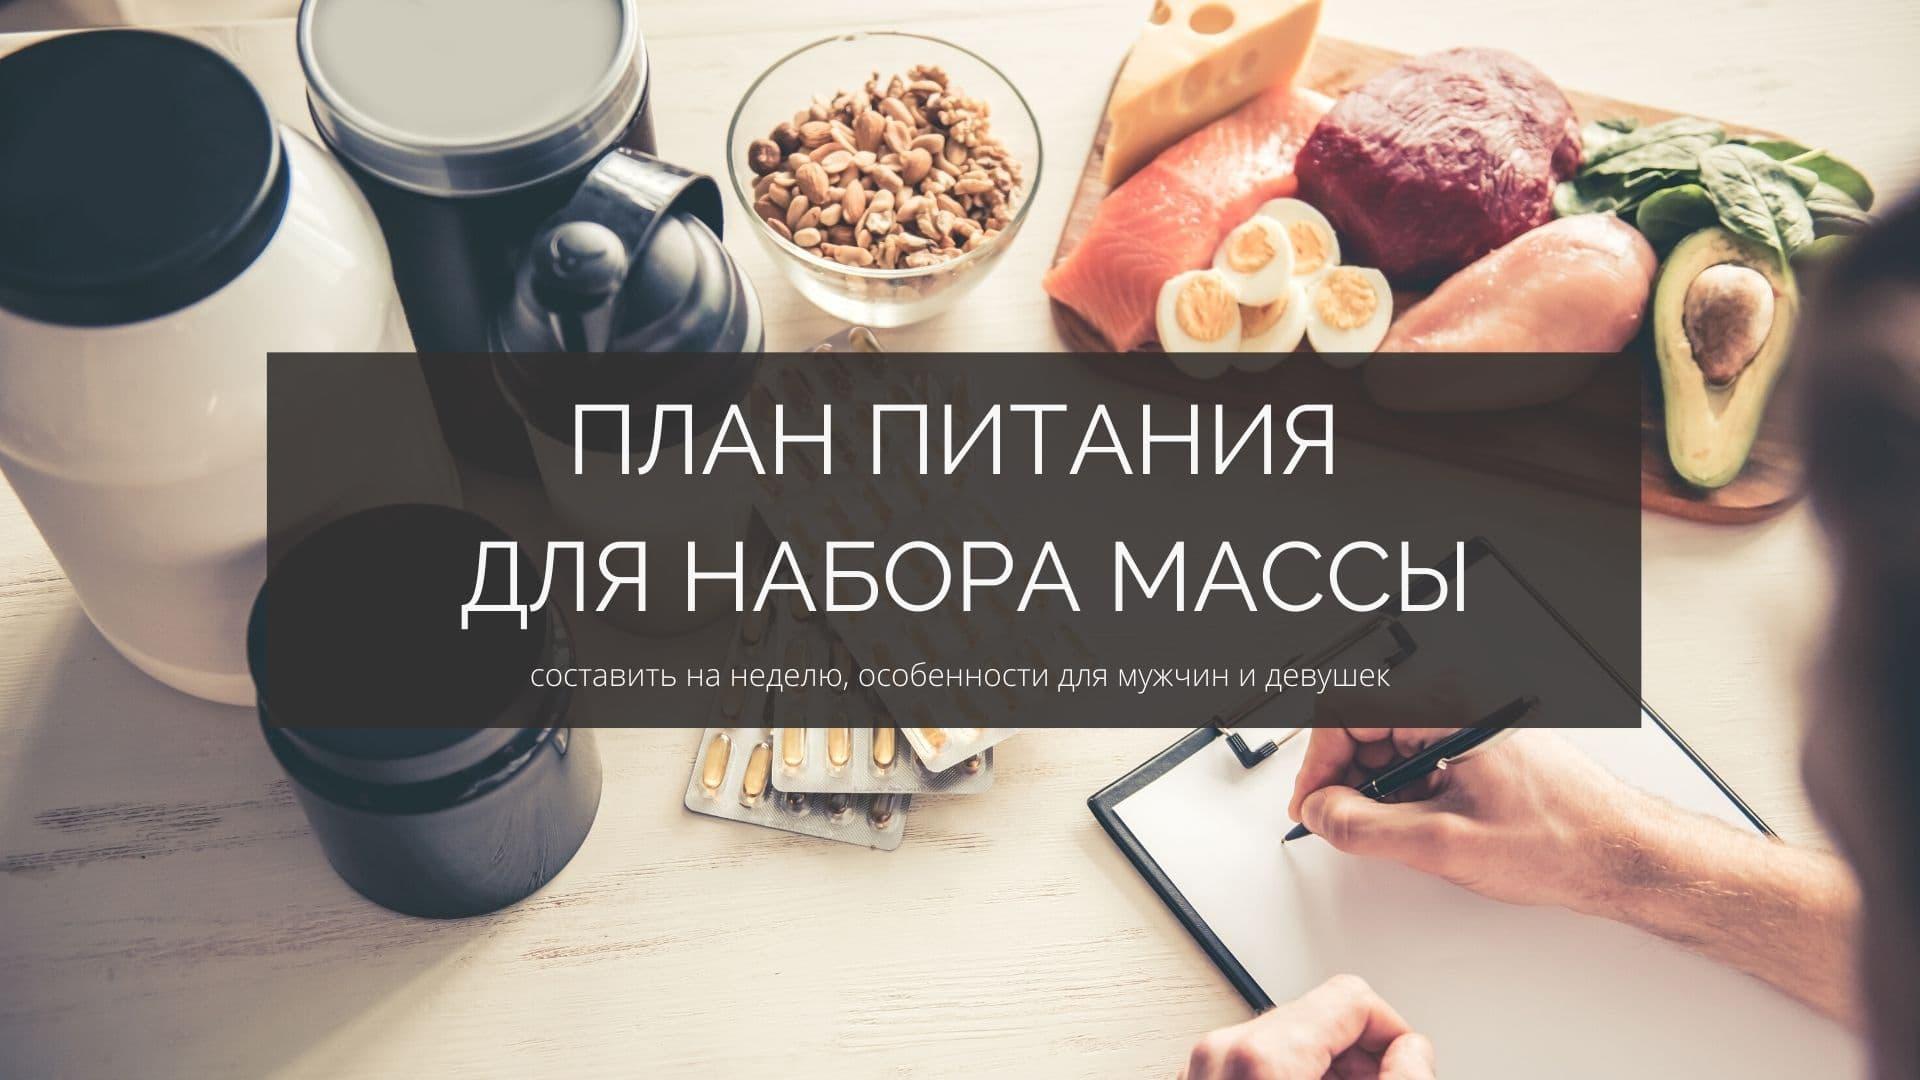 План питания для набора массы: составить на неделю, особенности для мужчин и девушек